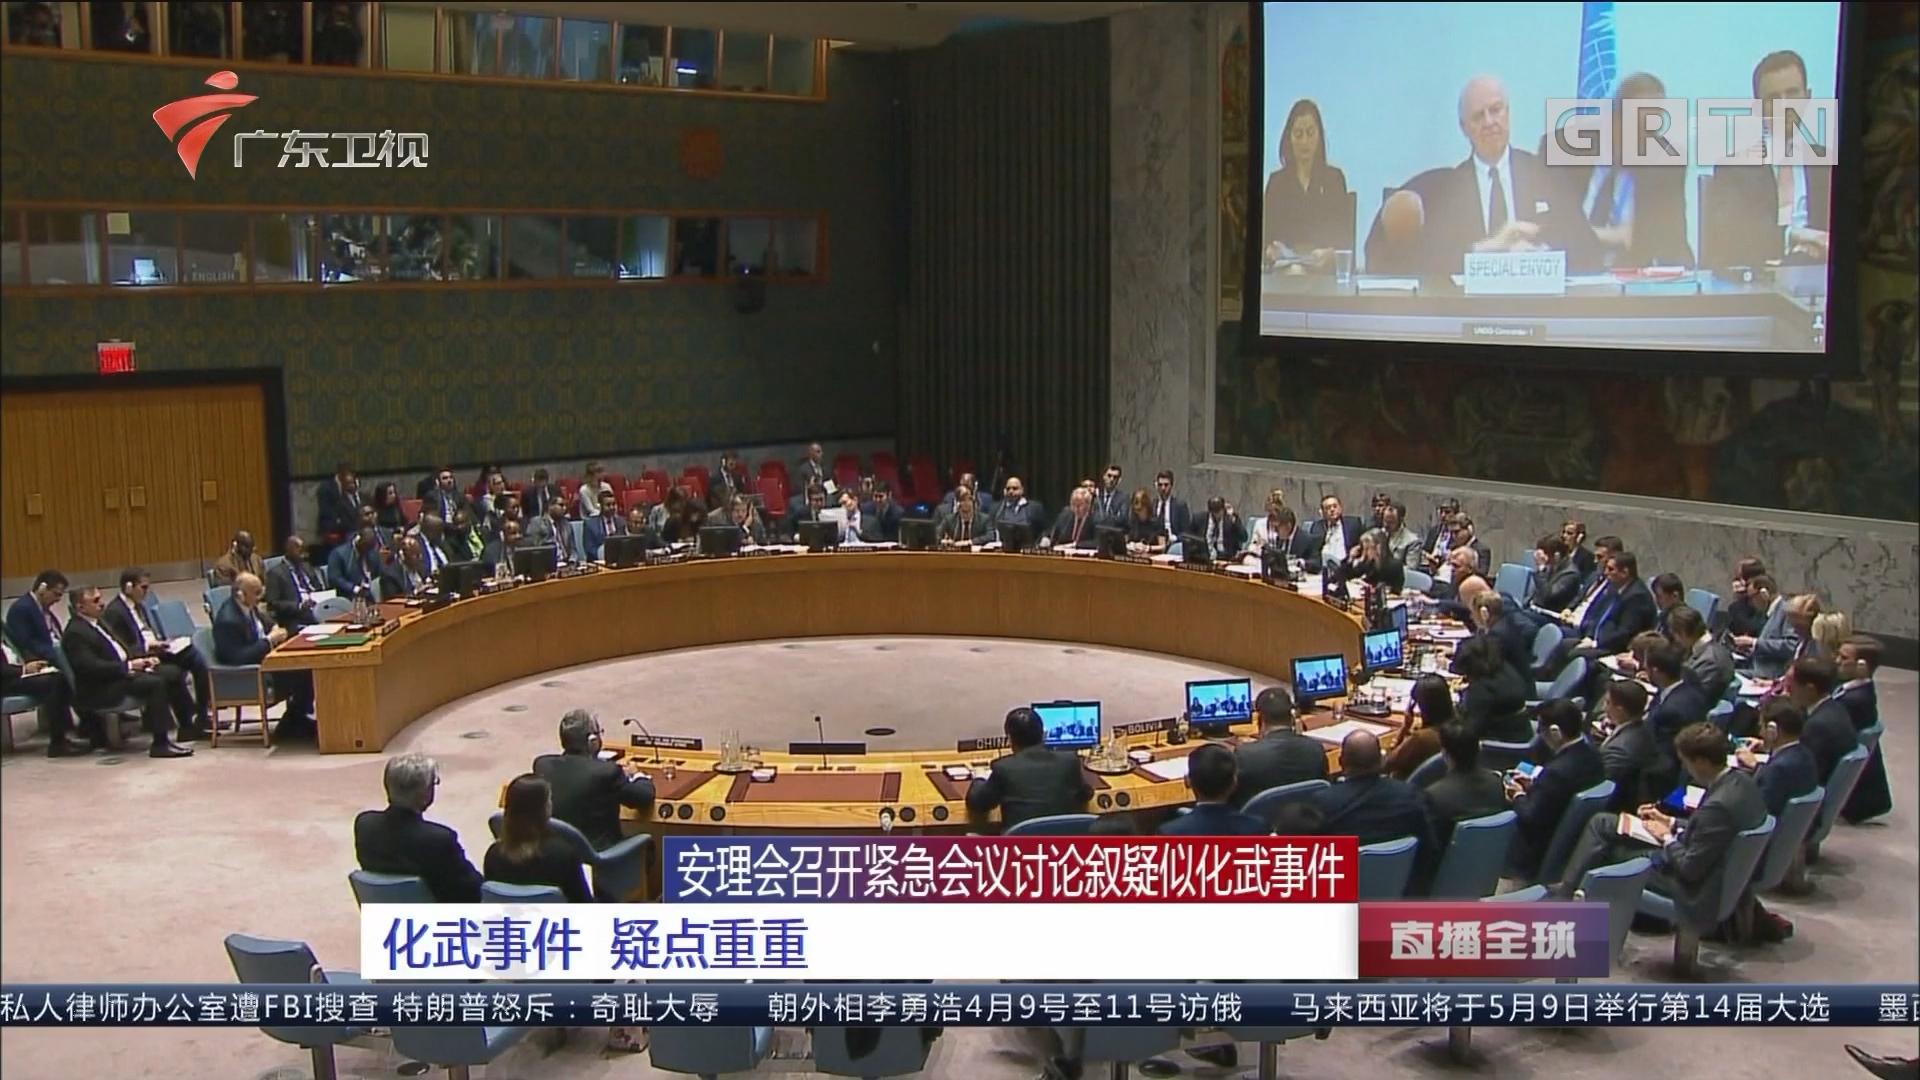 安理会召开紧急会议讨论叙疑似化武事件:美俄互掐 争论不断